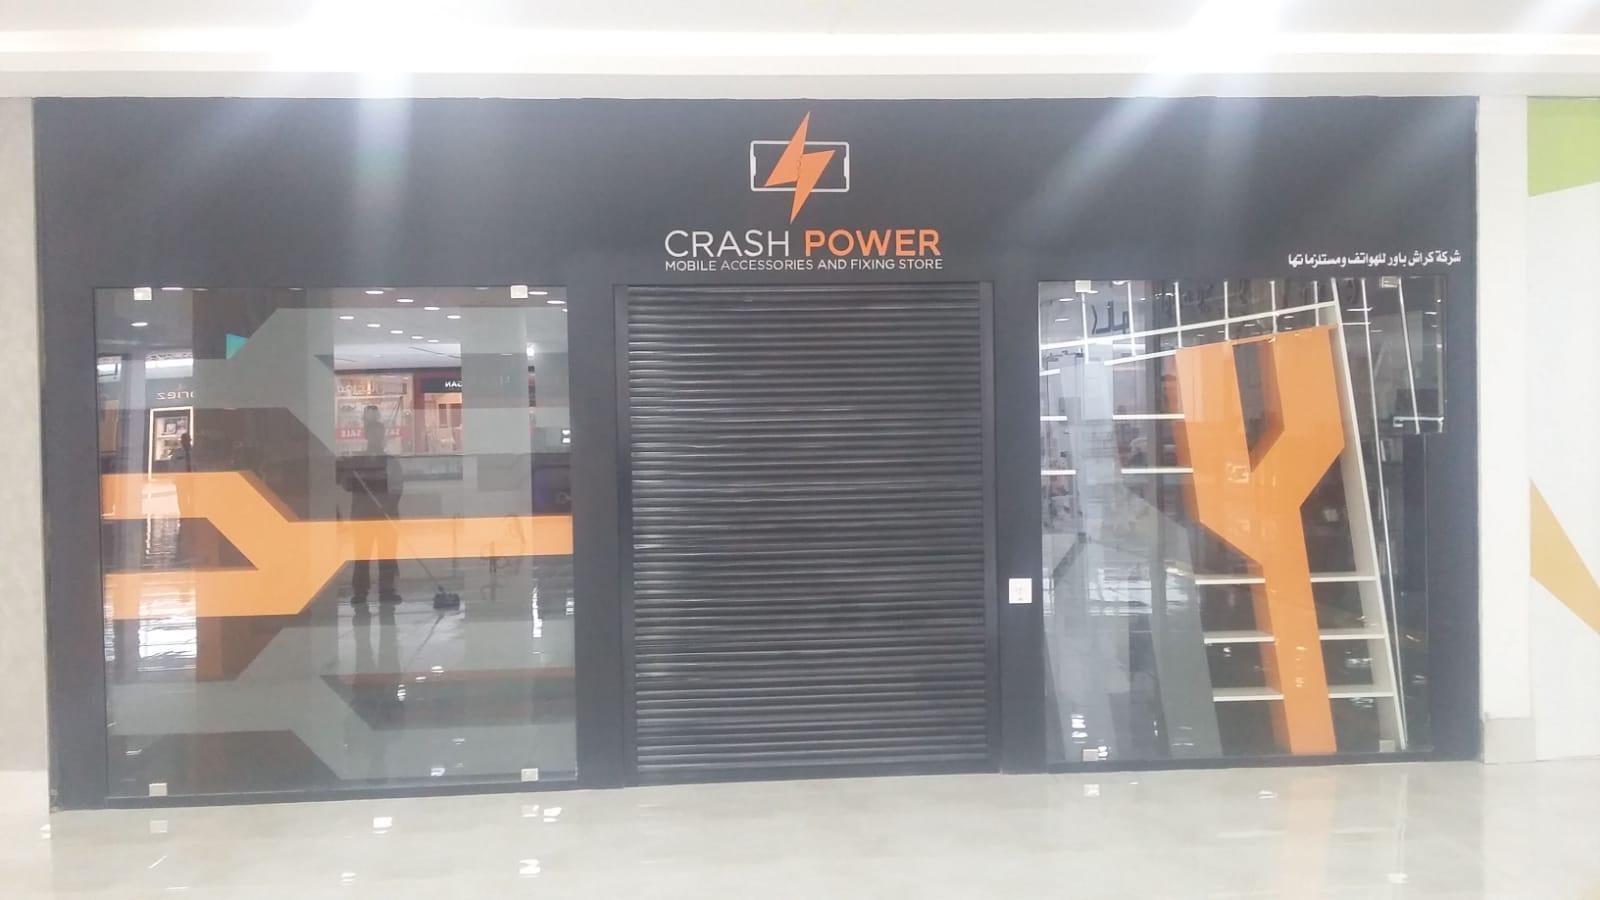 Crash Power